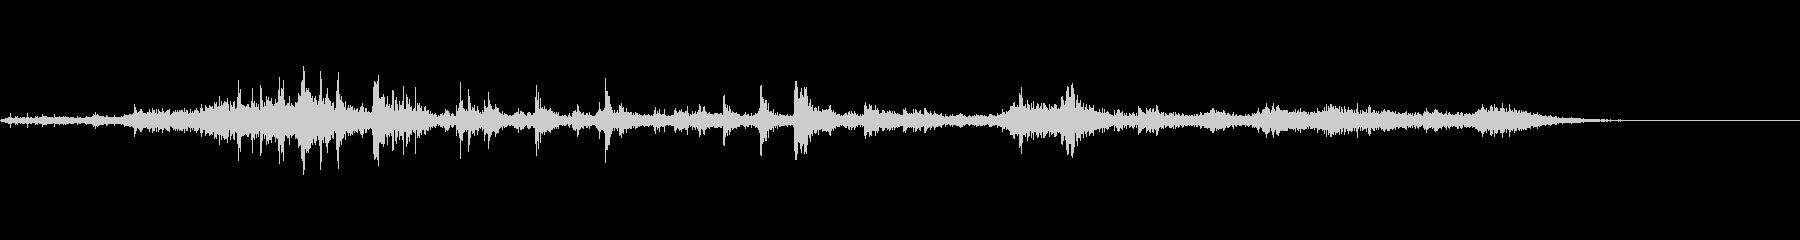 カミナリ(遠雷)-07の未再生の波形